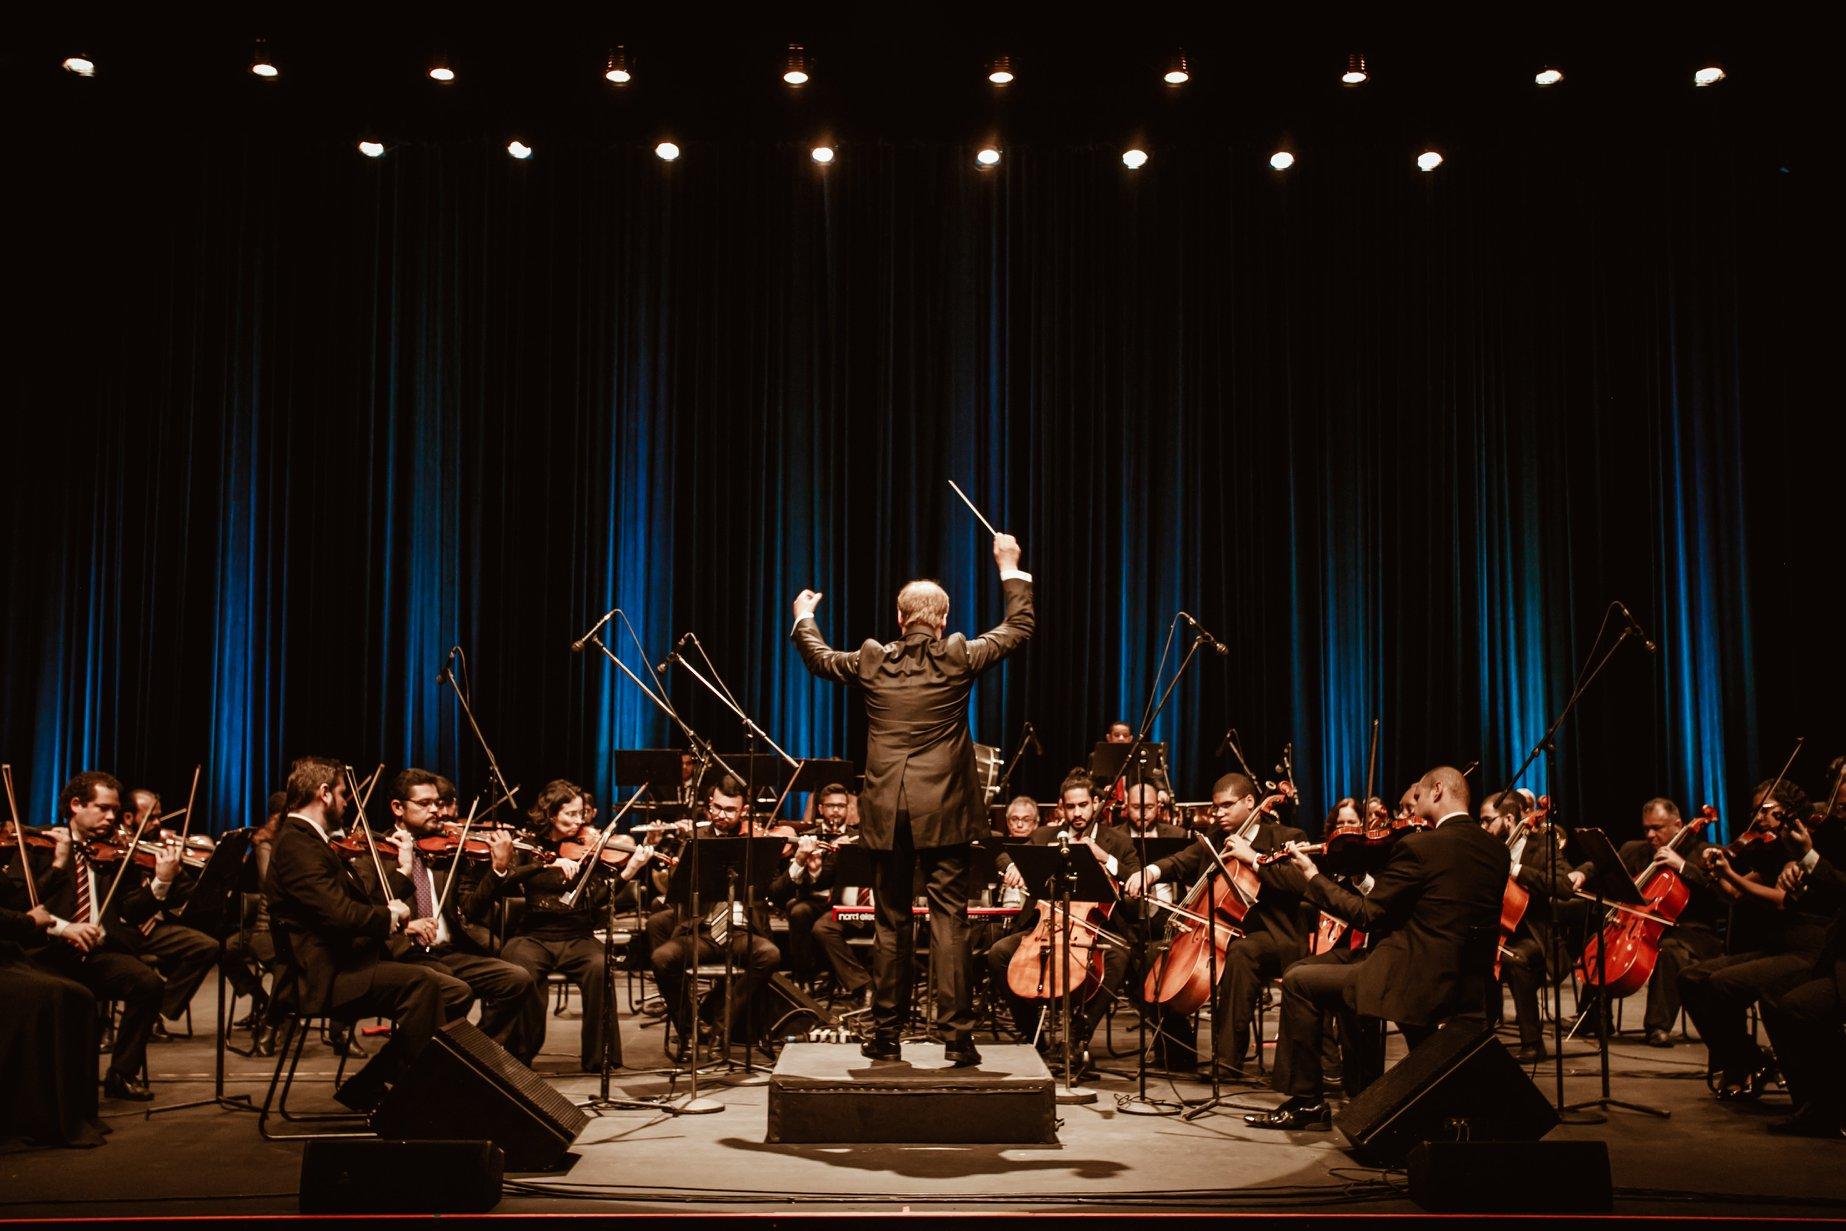 Orquestra Sinfônica do Rio Grande do Norte. Foto: Brunno Martins